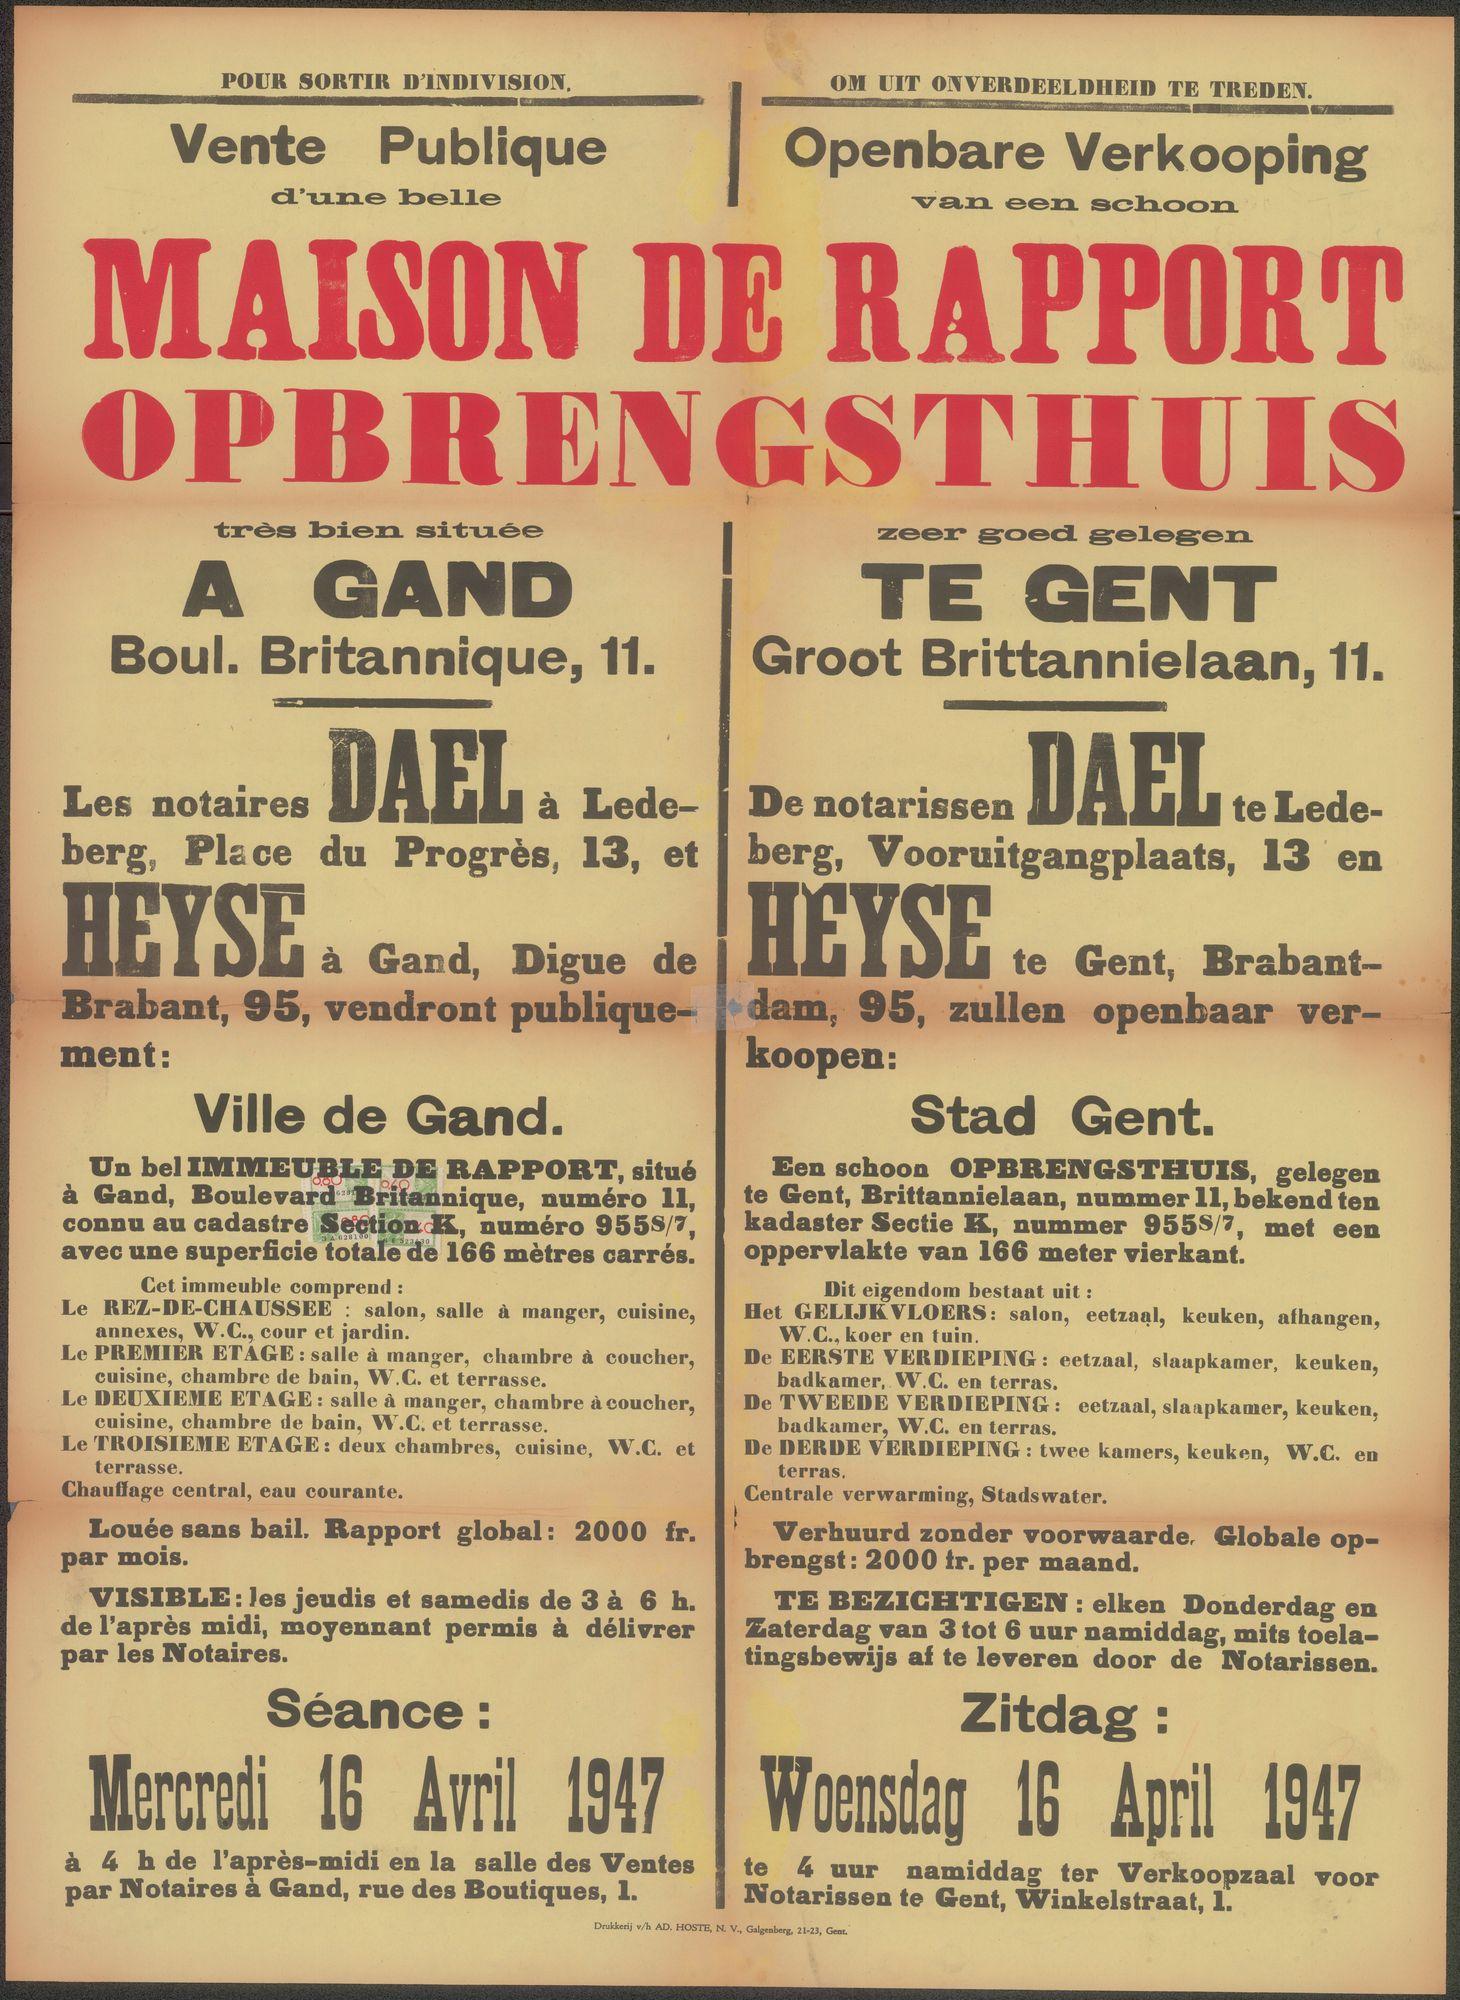 Openbare verkoop van een schoon opbrengsthuis zeer goed gelegen te Gent, Groot Brittannielaan, nr.11, Gent, 16 april 1947